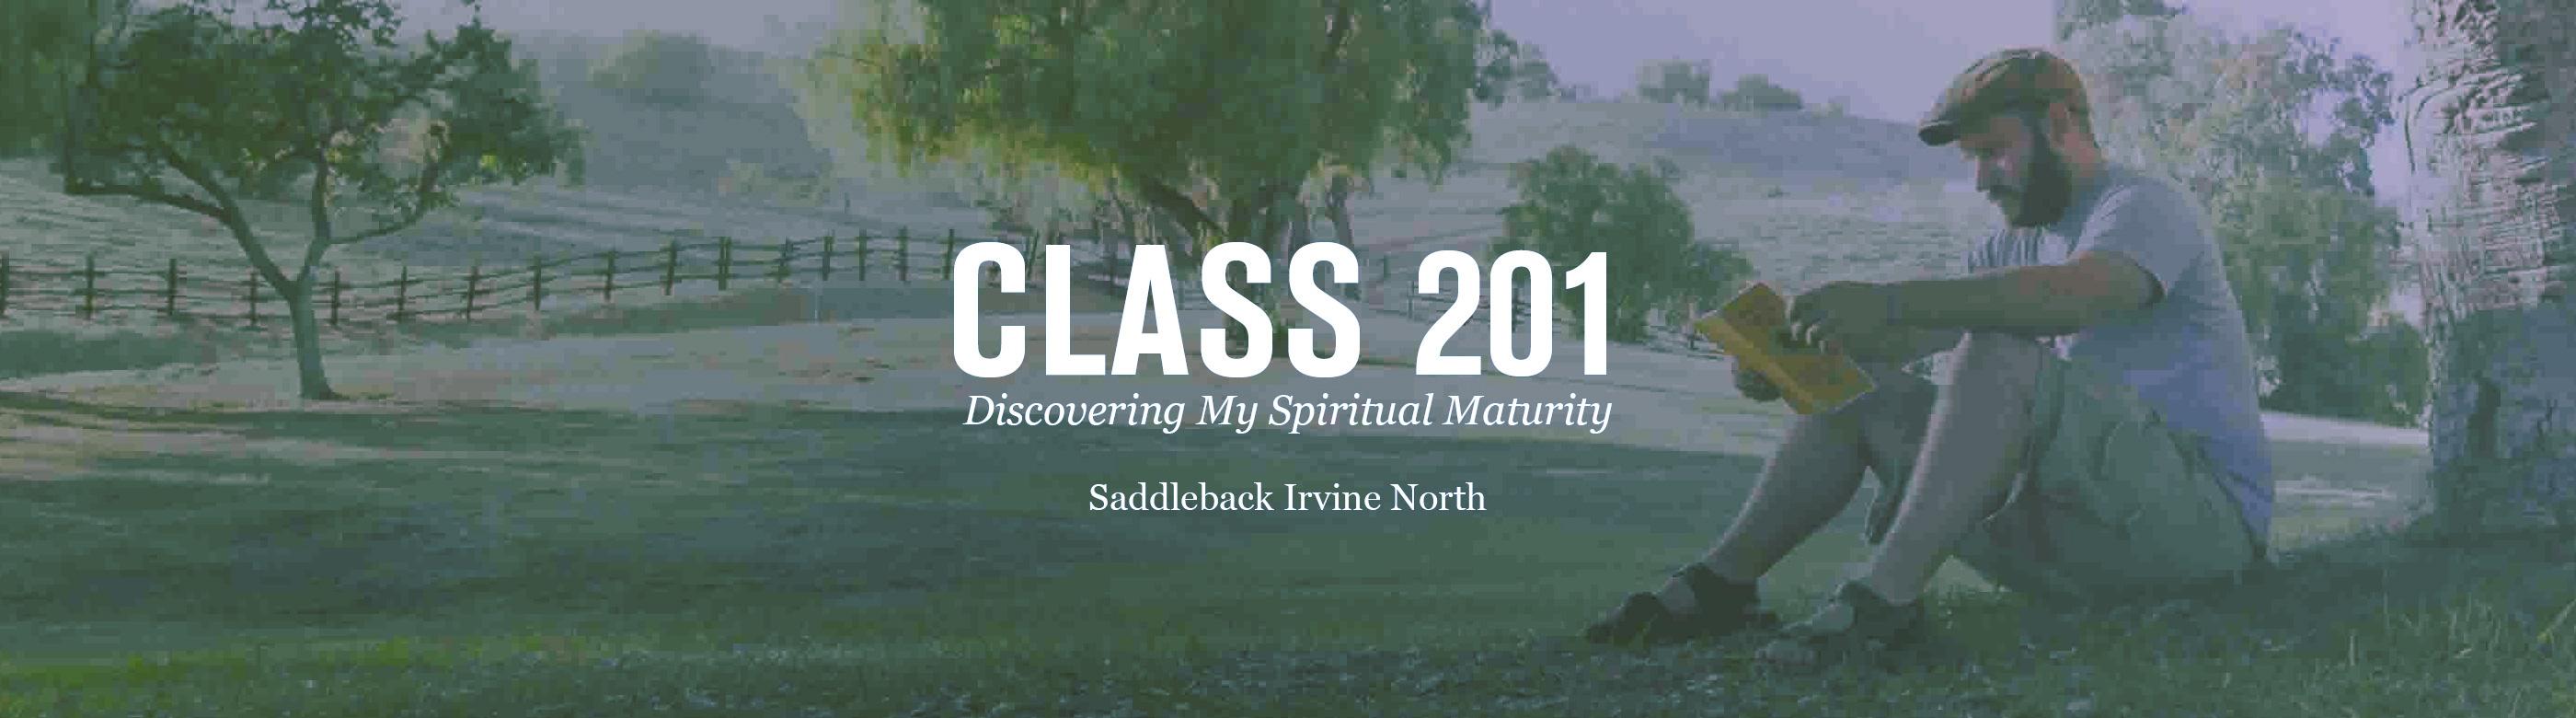 Class 201 discovering spiritual maturity